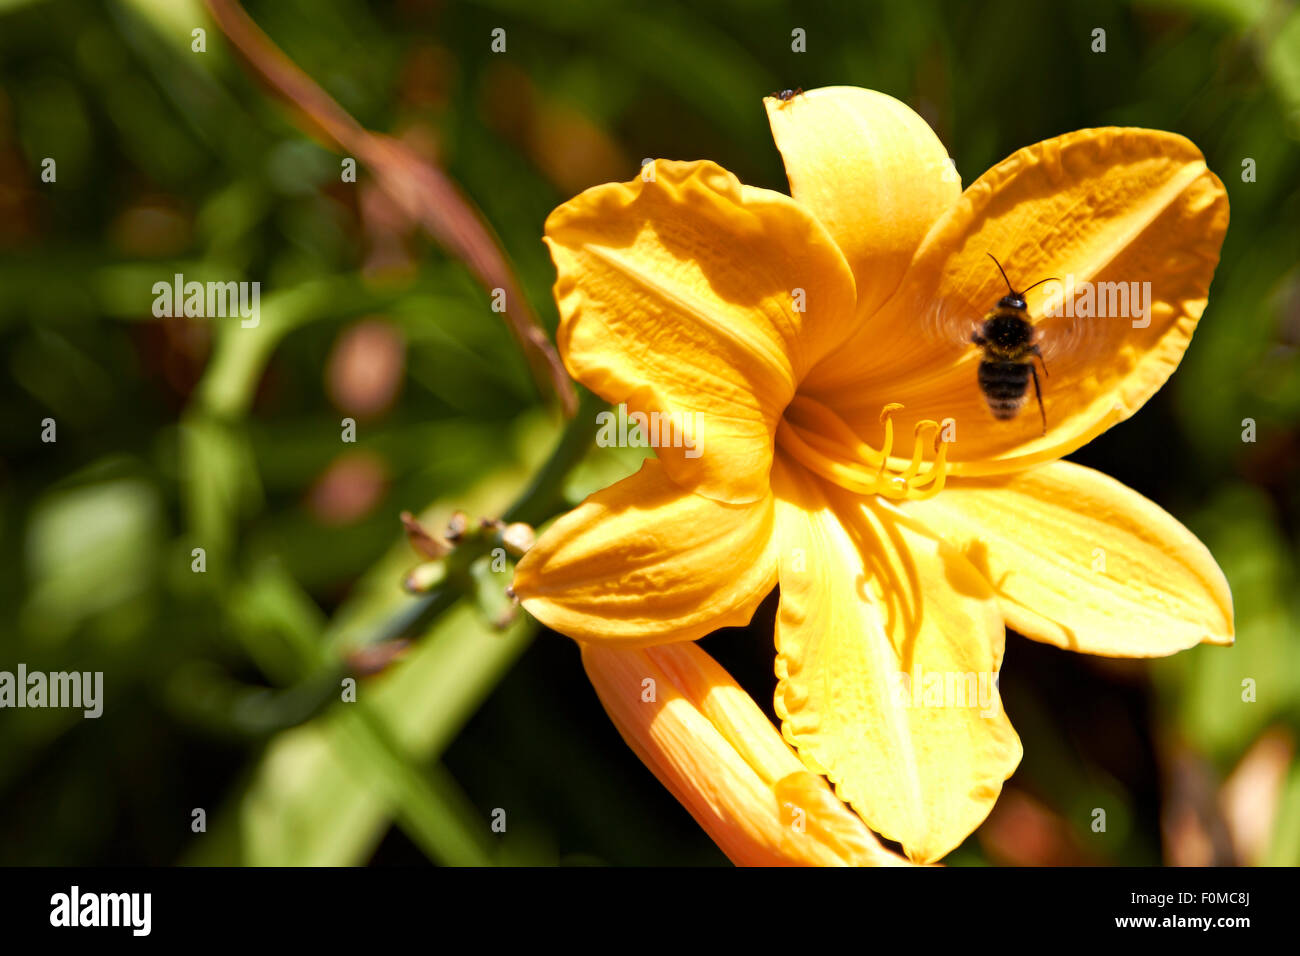 Lily Flor y humilde Bee, la naturaleza, el jardín, al aire libre, Parque, planta, Vida Silvestre, Verano Imagen De Stock